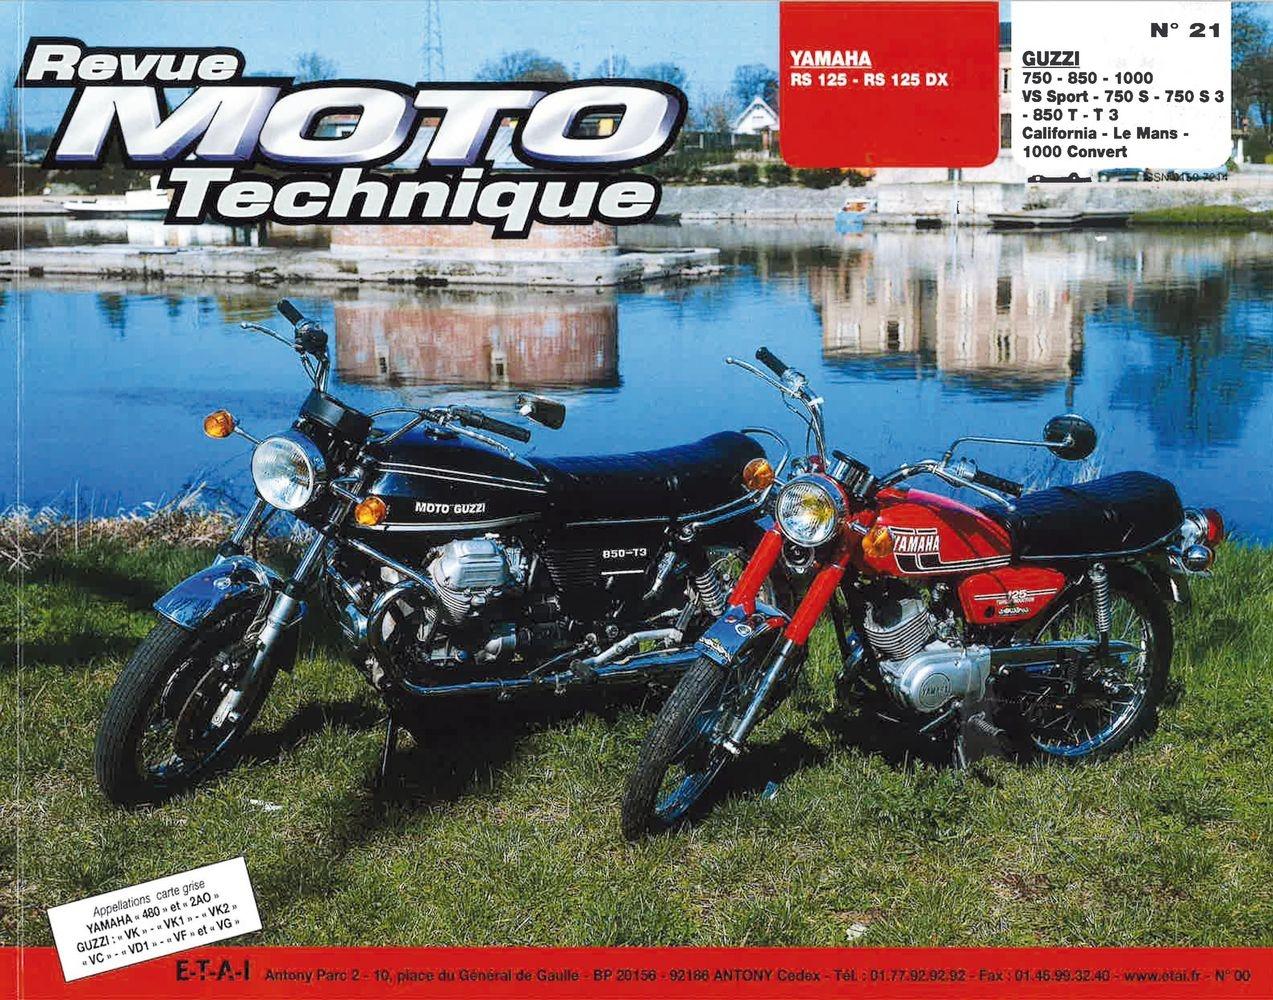 Revue Moto Technique 21 Yamaha 125 RS-DX / Moto Guzzi V7-750S-850T-100